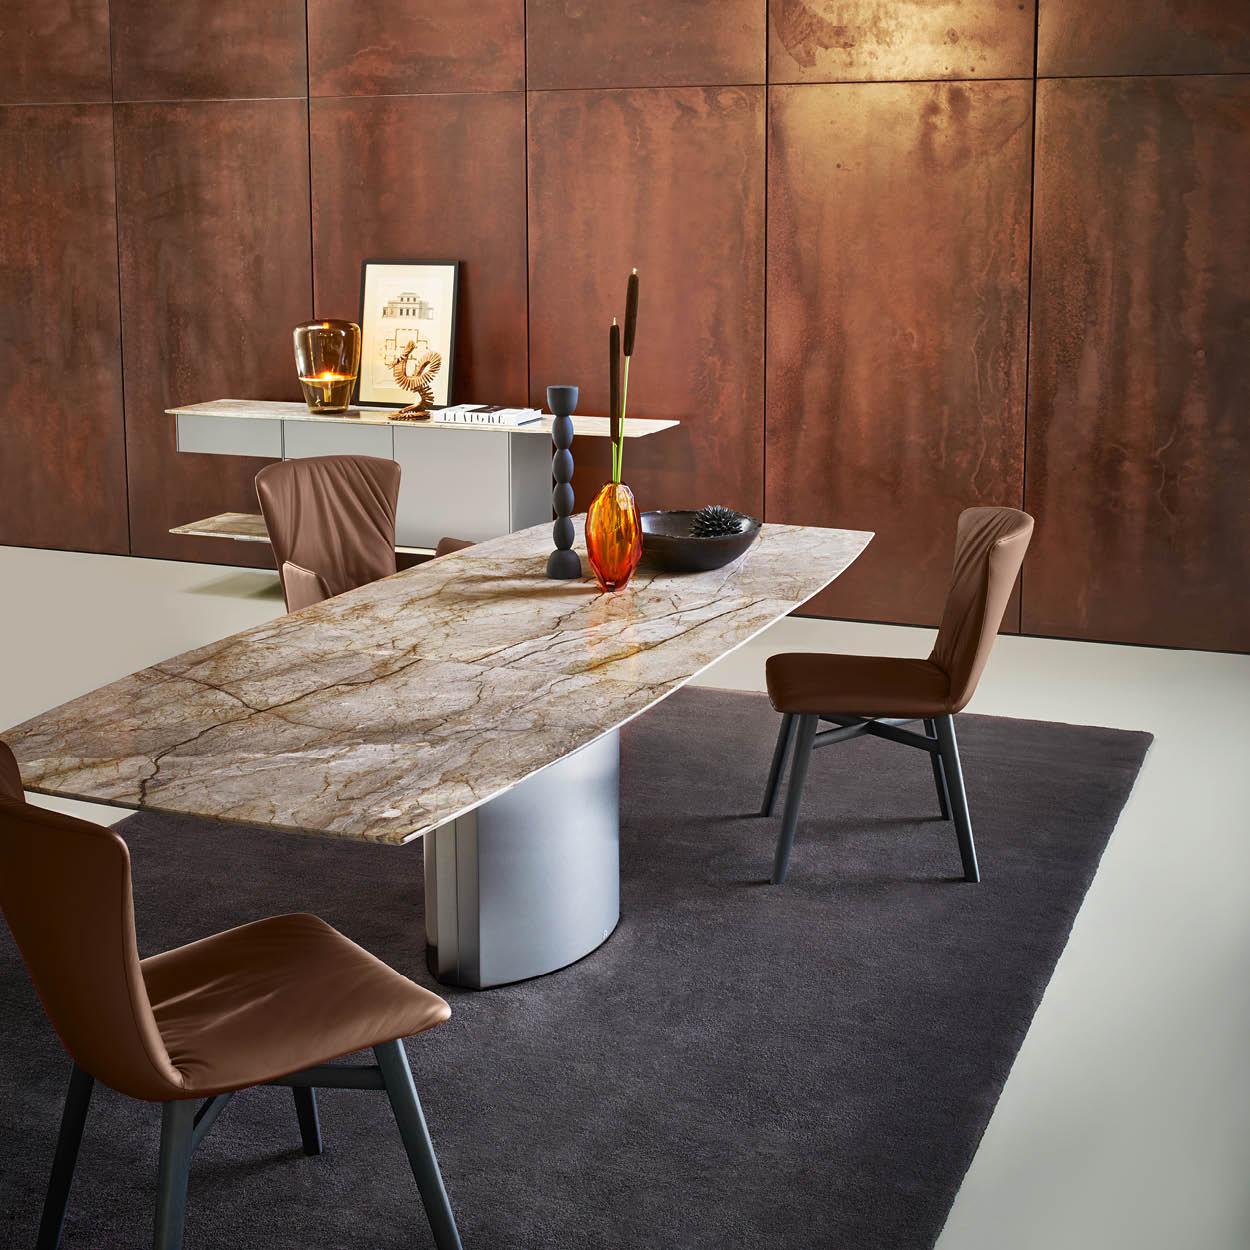 Dreanert tafel Adler Oxford Grey